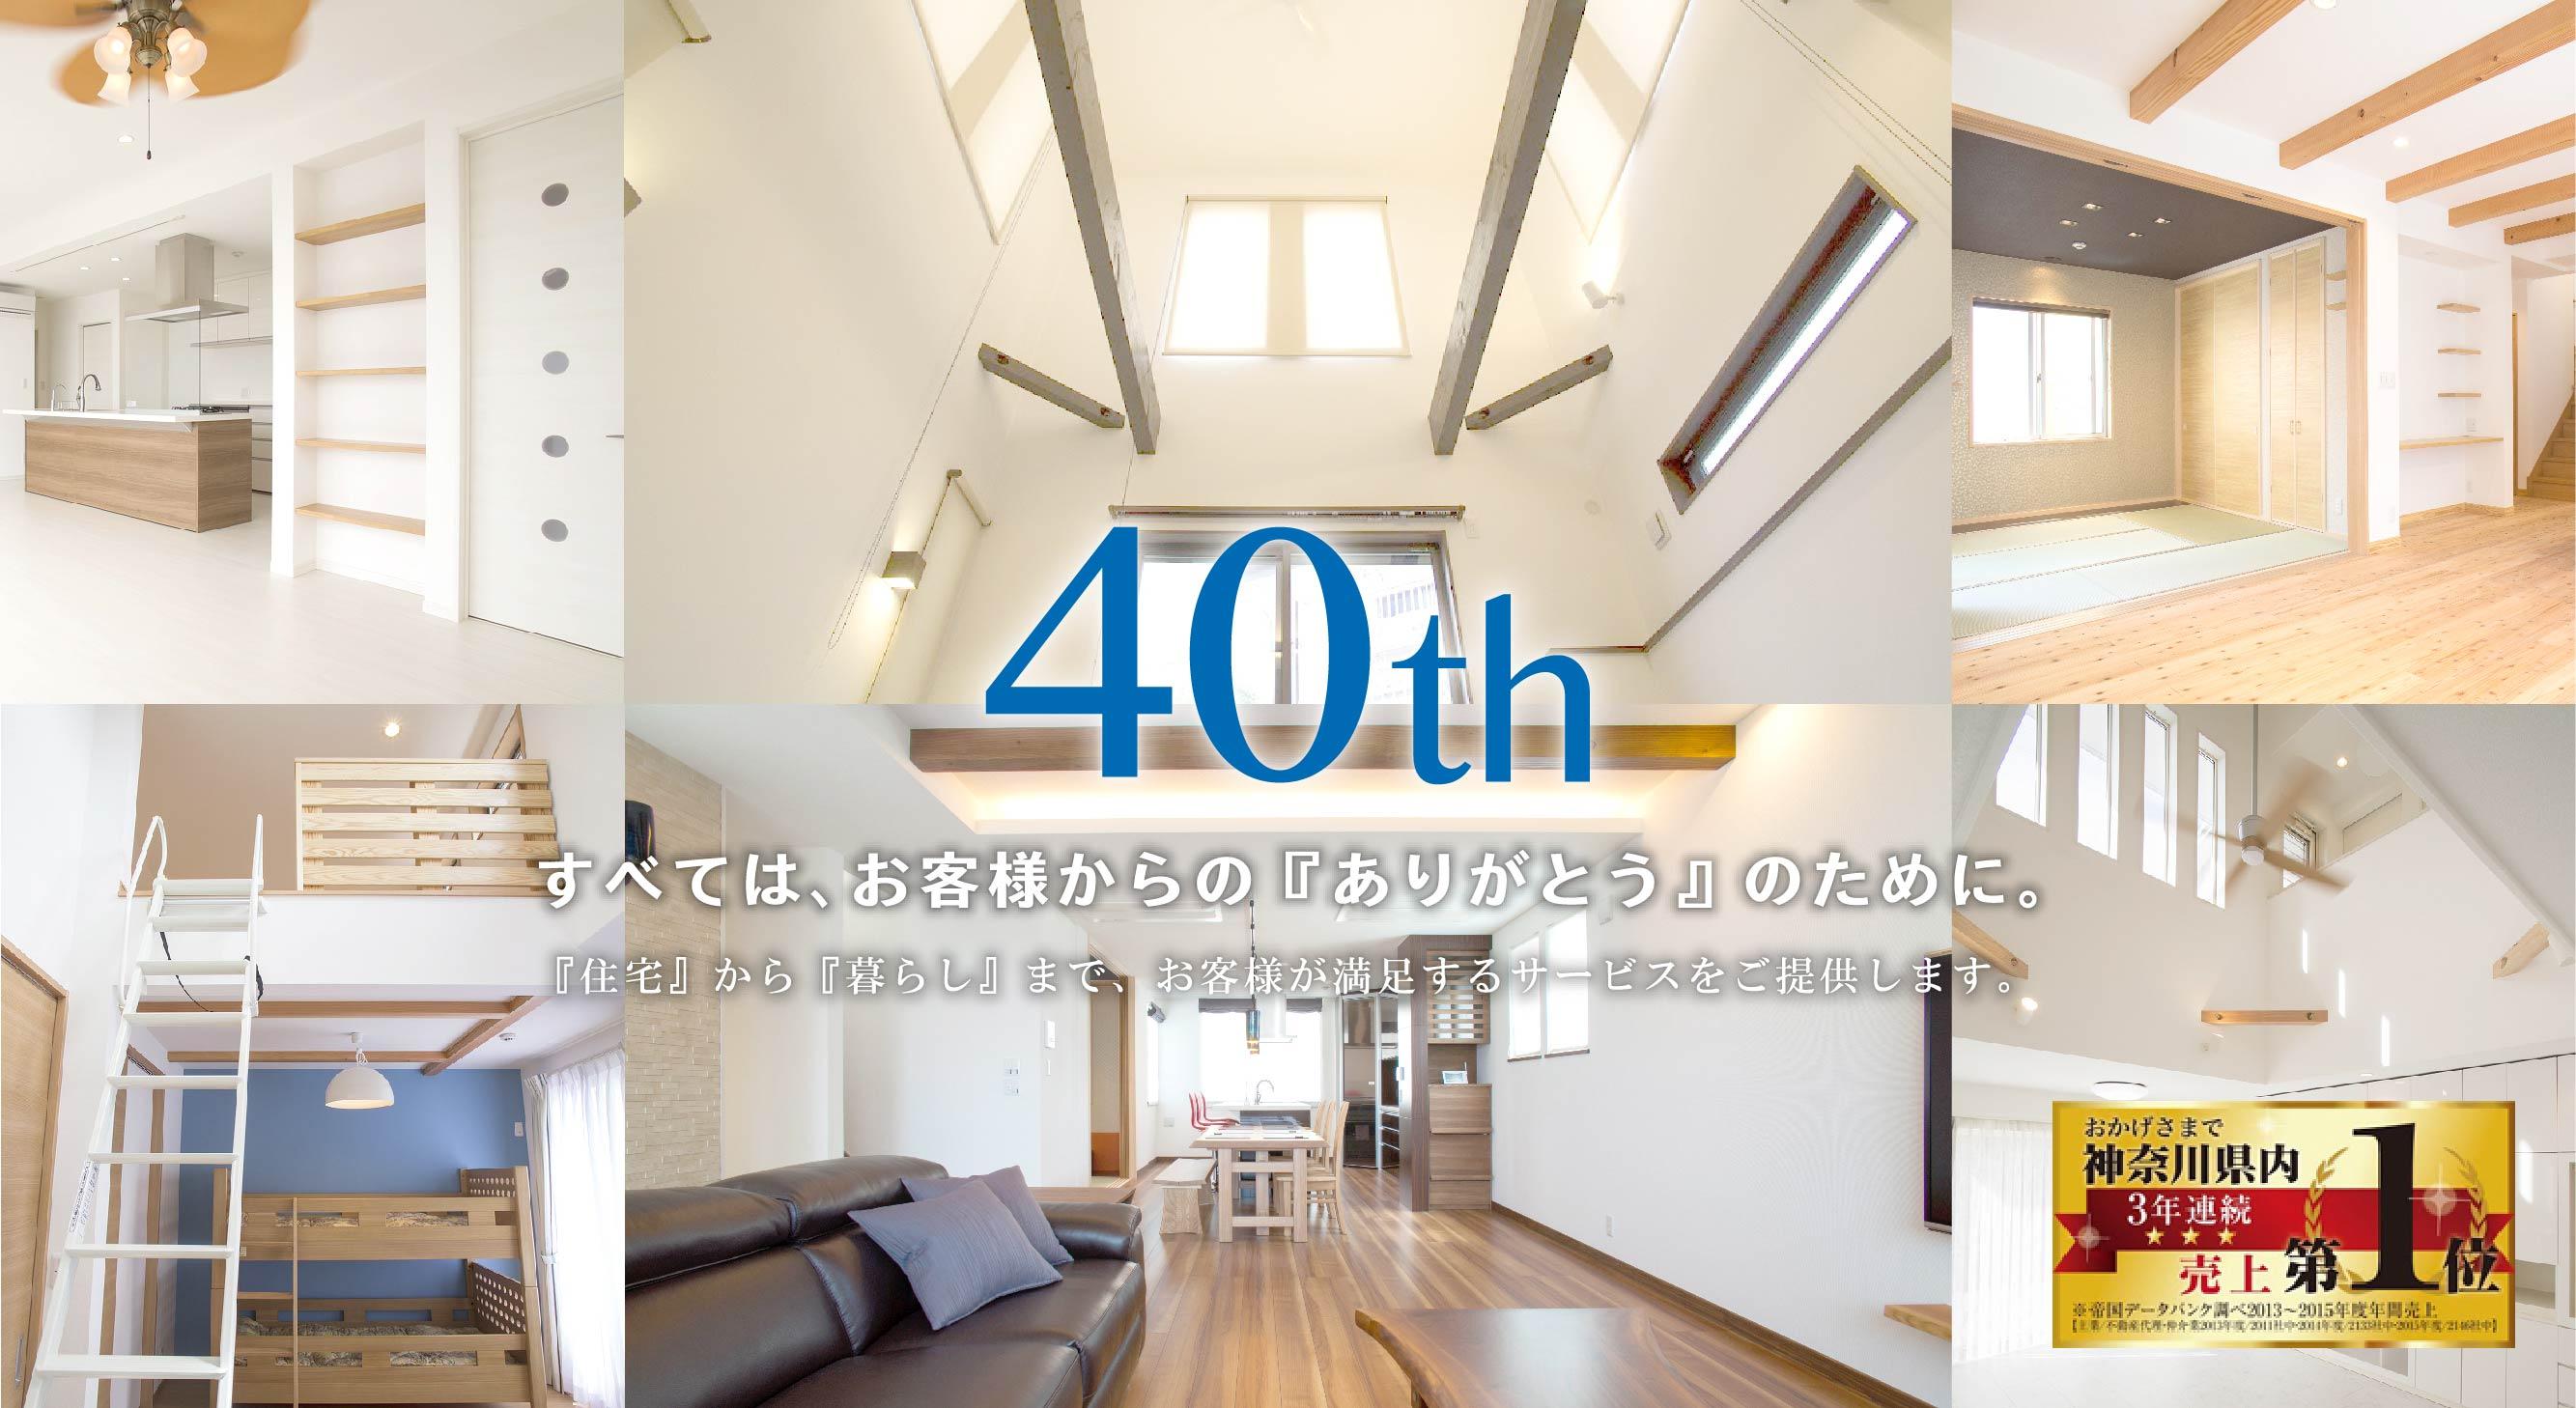 40th すべては、お客様からの『ありがとう』のために。『住宅』から『暮らし』まで、お客様が満足するサービスをご提供します。